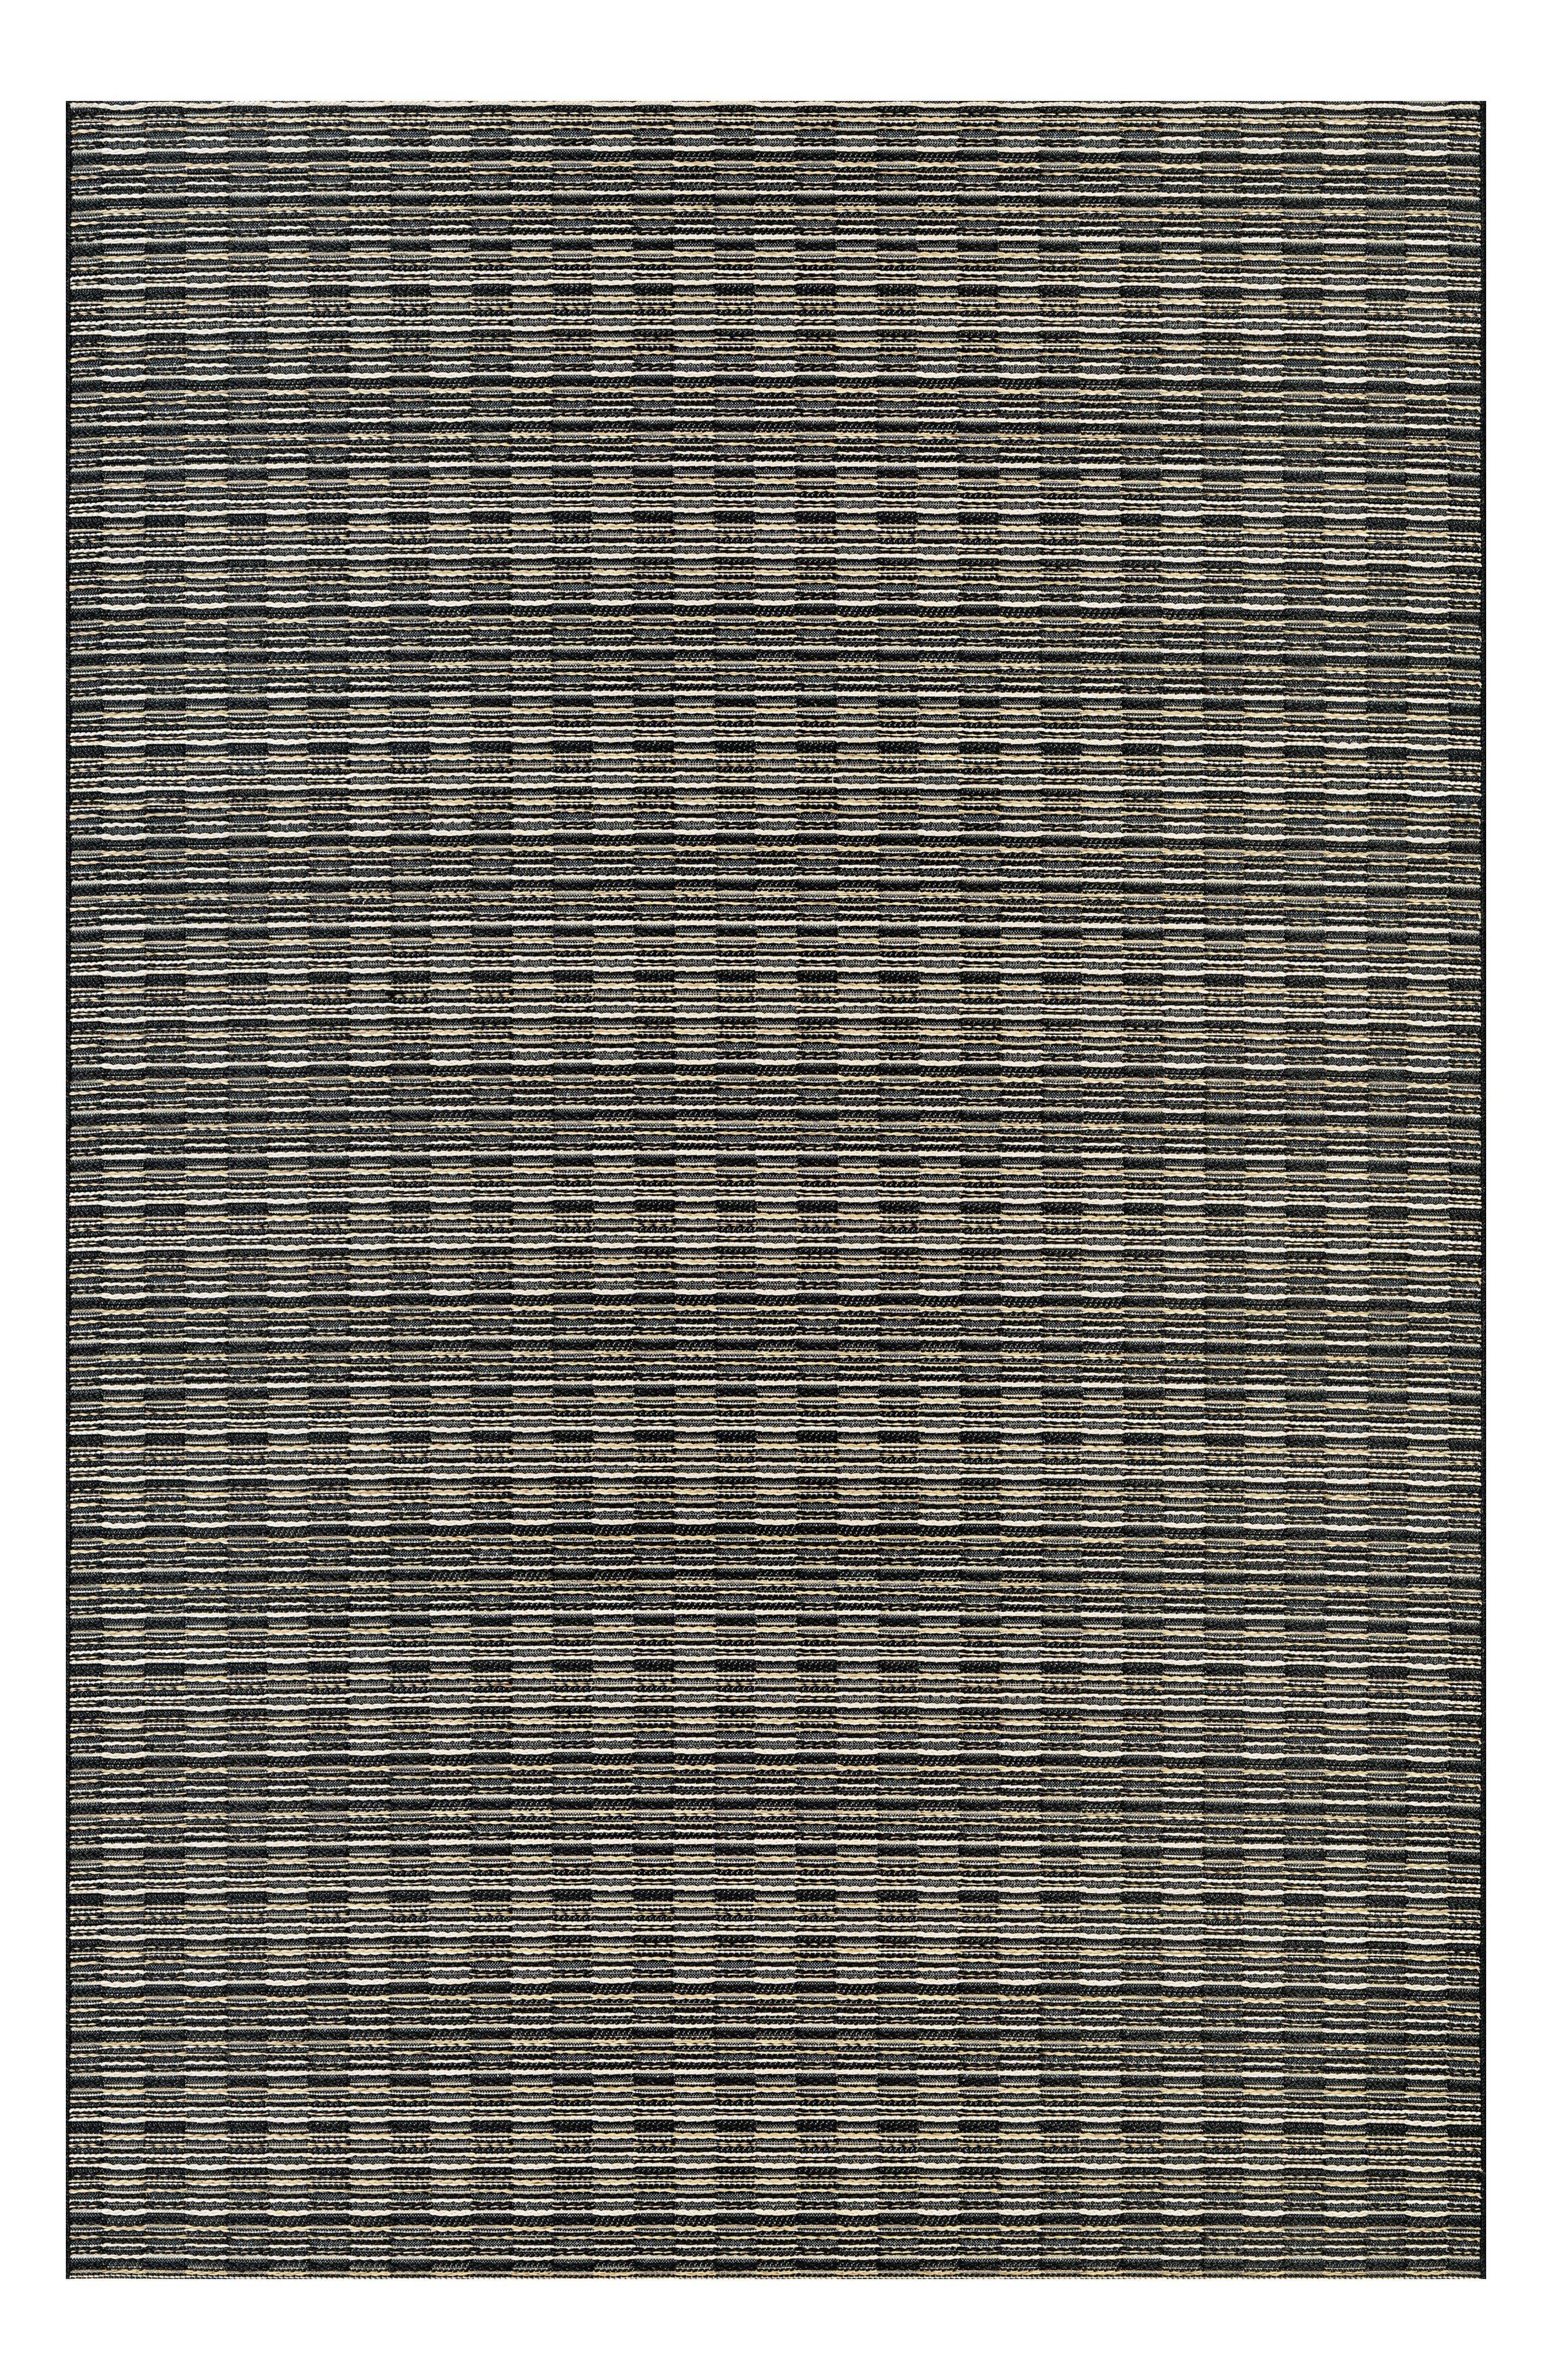 Barnstable Indoor/Outdoor Rug,                         Main,                         color, Black/ Tan